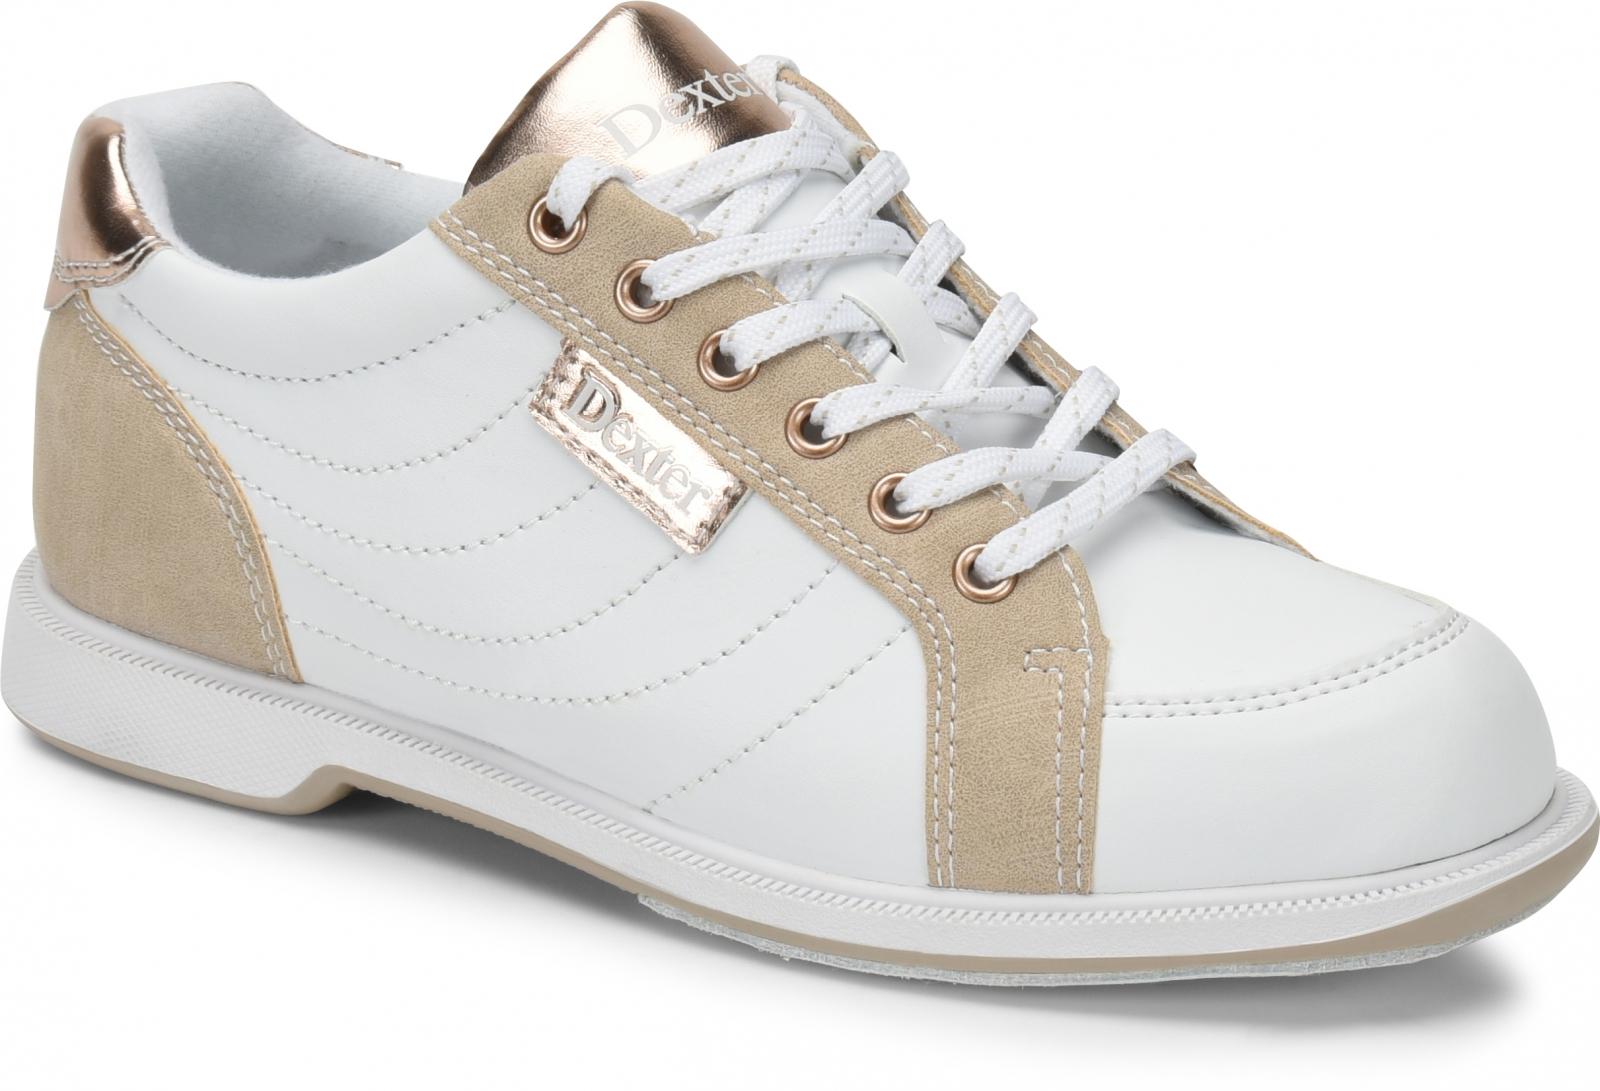 KR Damen Bowlingtasche Strikeforce Spitze Bowling Schuhe